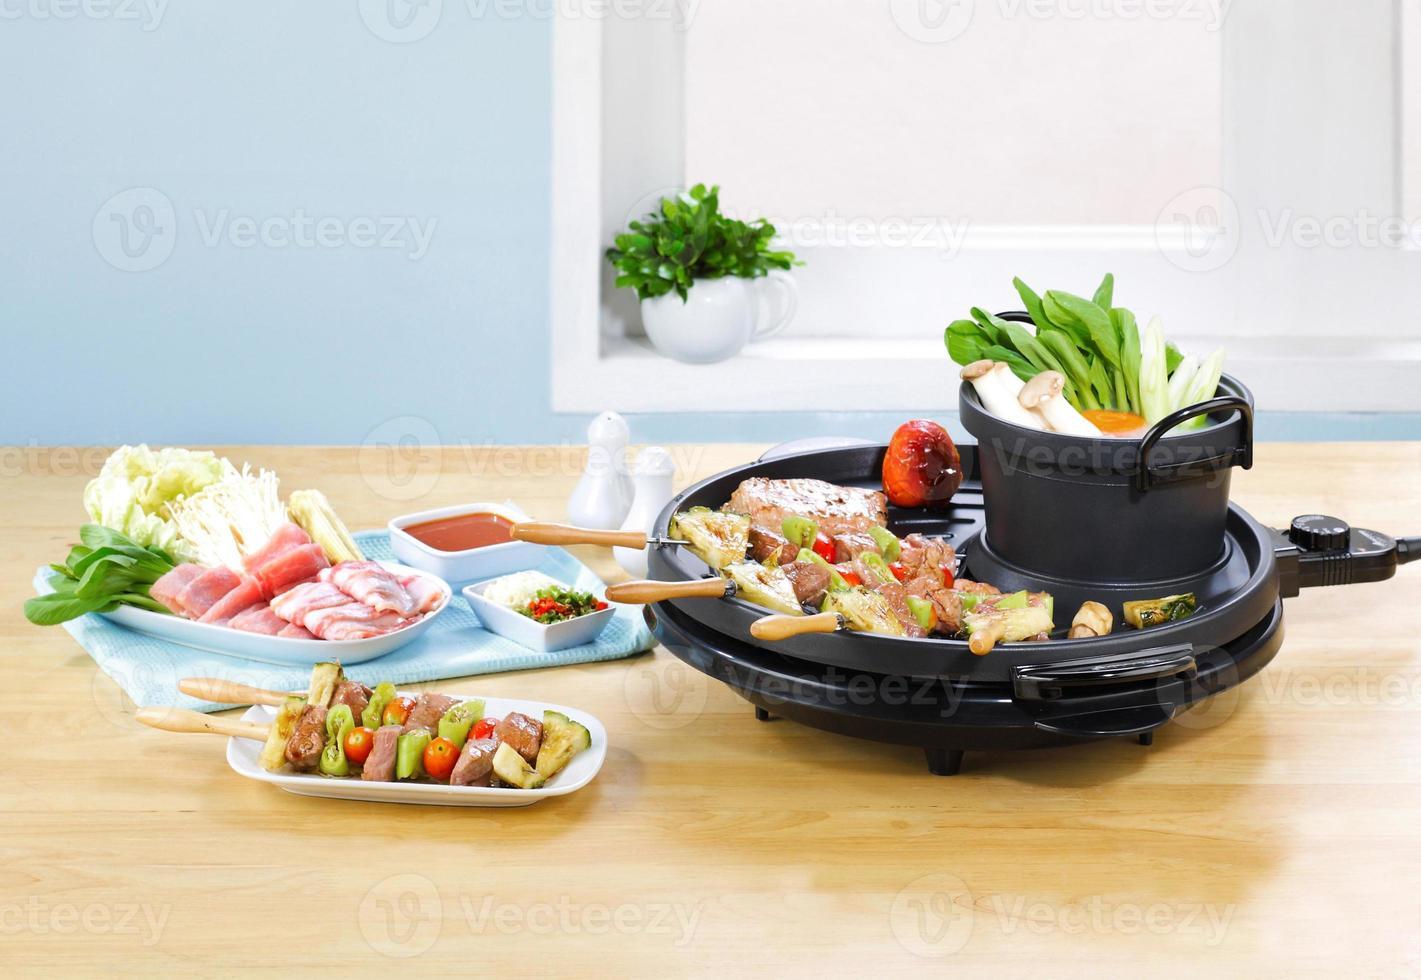 barbecue eten bereiden in een keuken foto